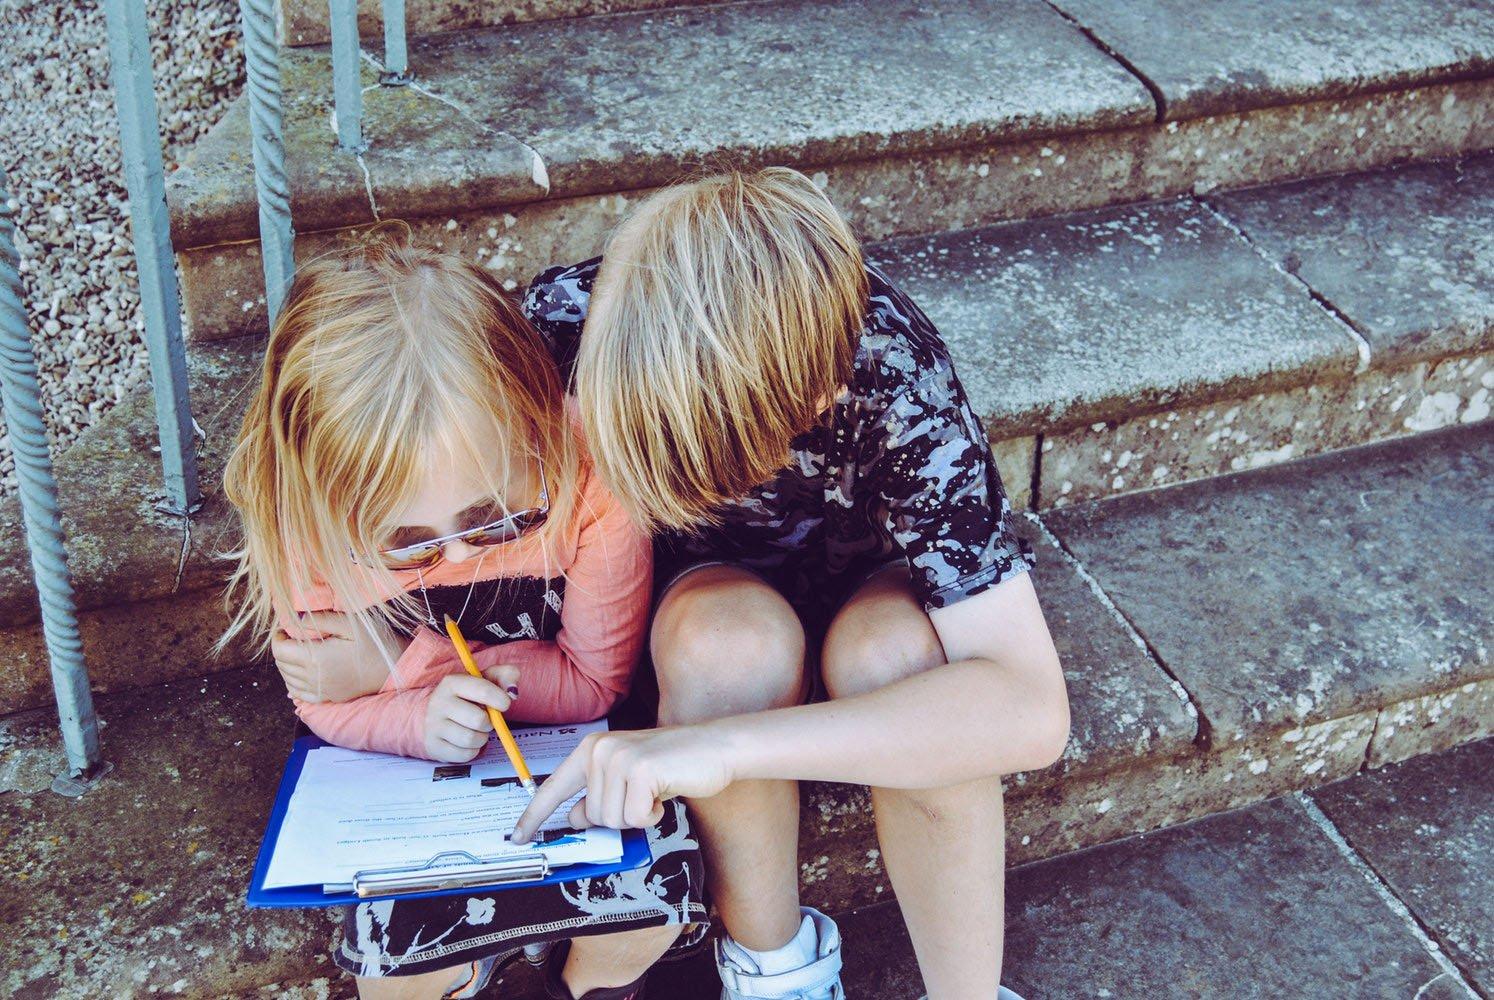 przedszkole publiczne czy prywatne